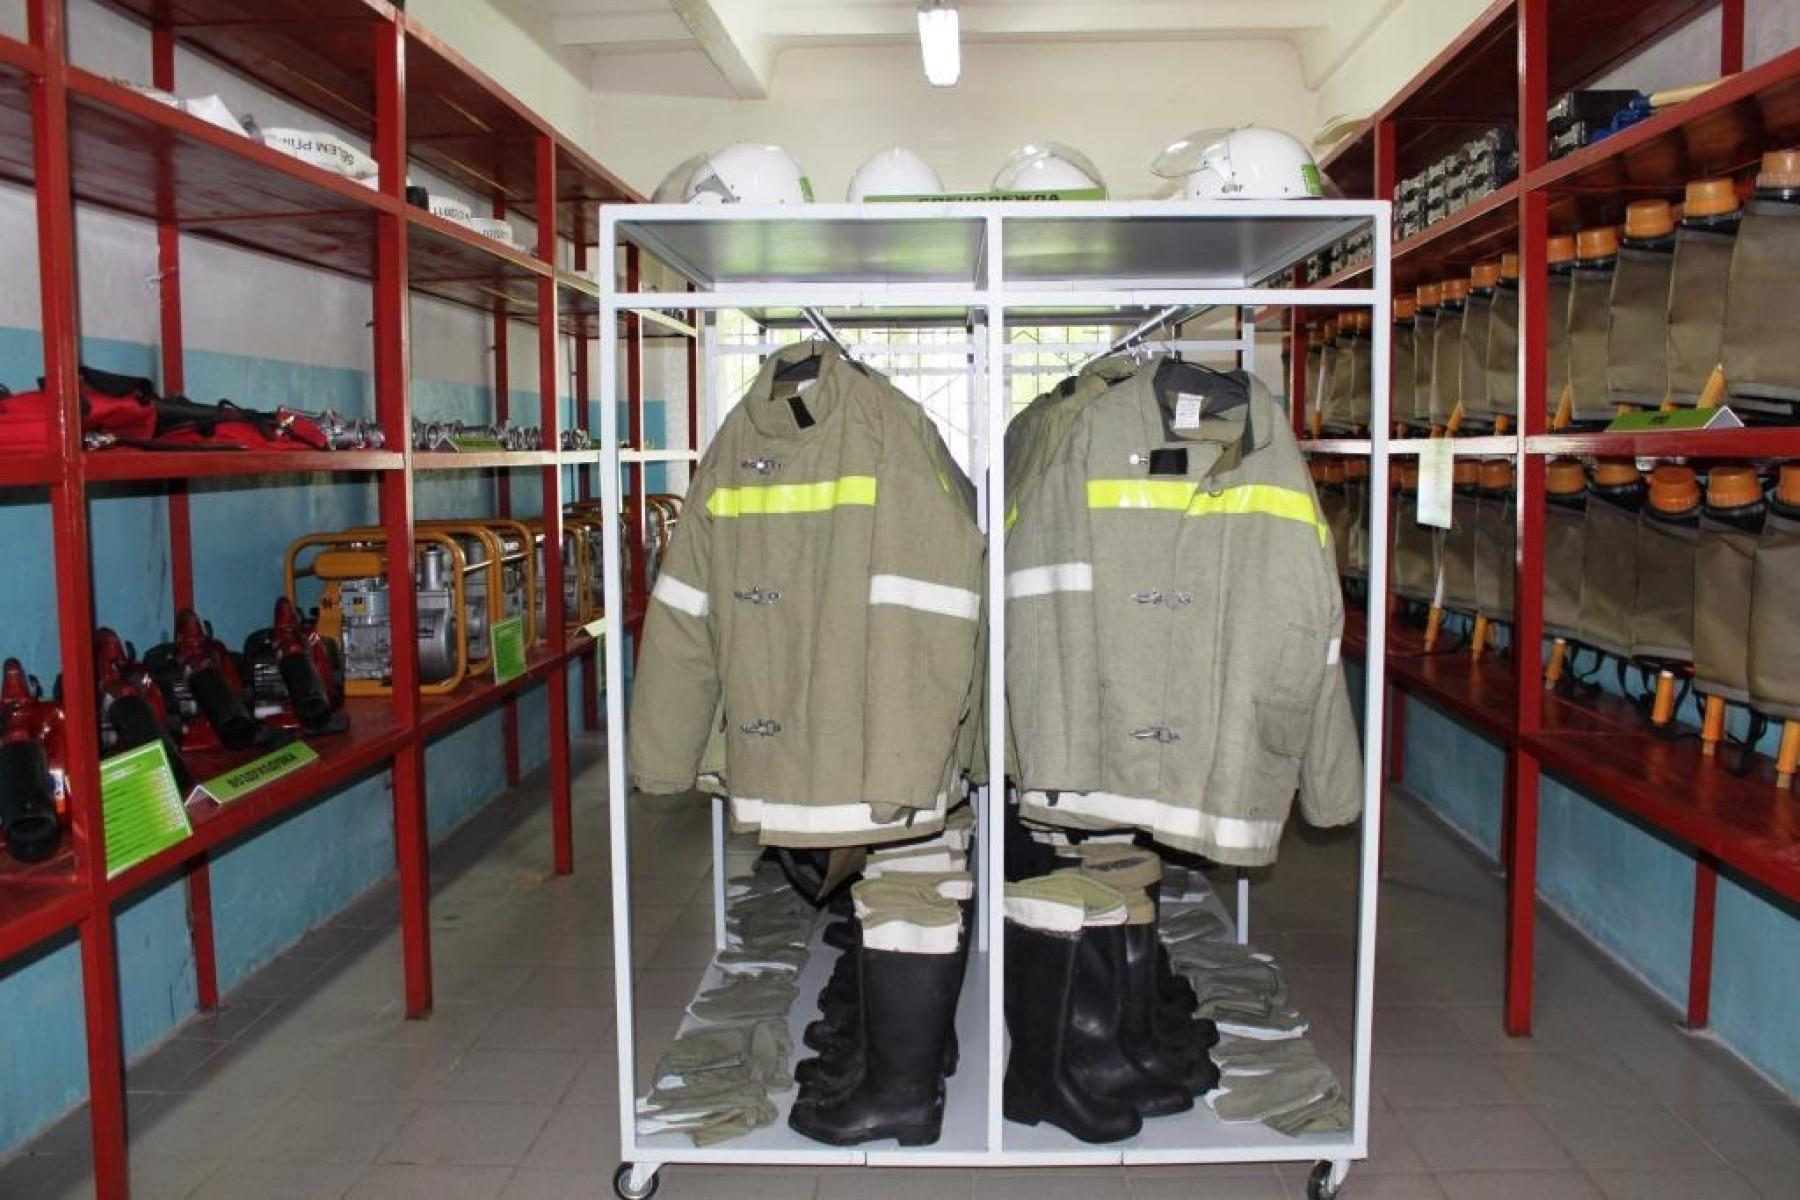 предостав- лении каталог противопожарного инвентаря фото картине изображения сразу